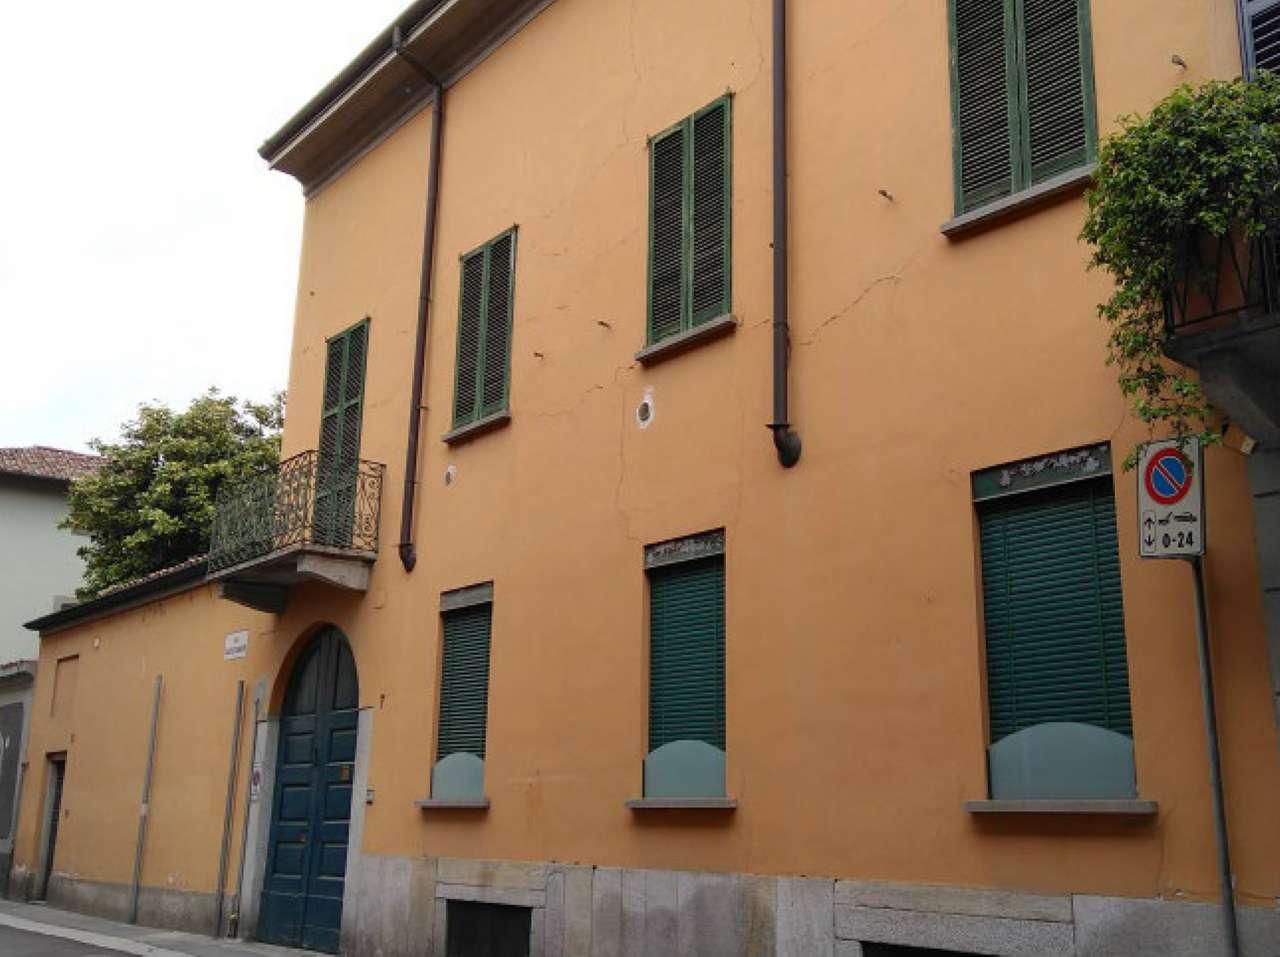 Palazzo / Stabile in vendita a Lodi, 5 locali, prezzo € 1.260.000 | CambioCasa.it